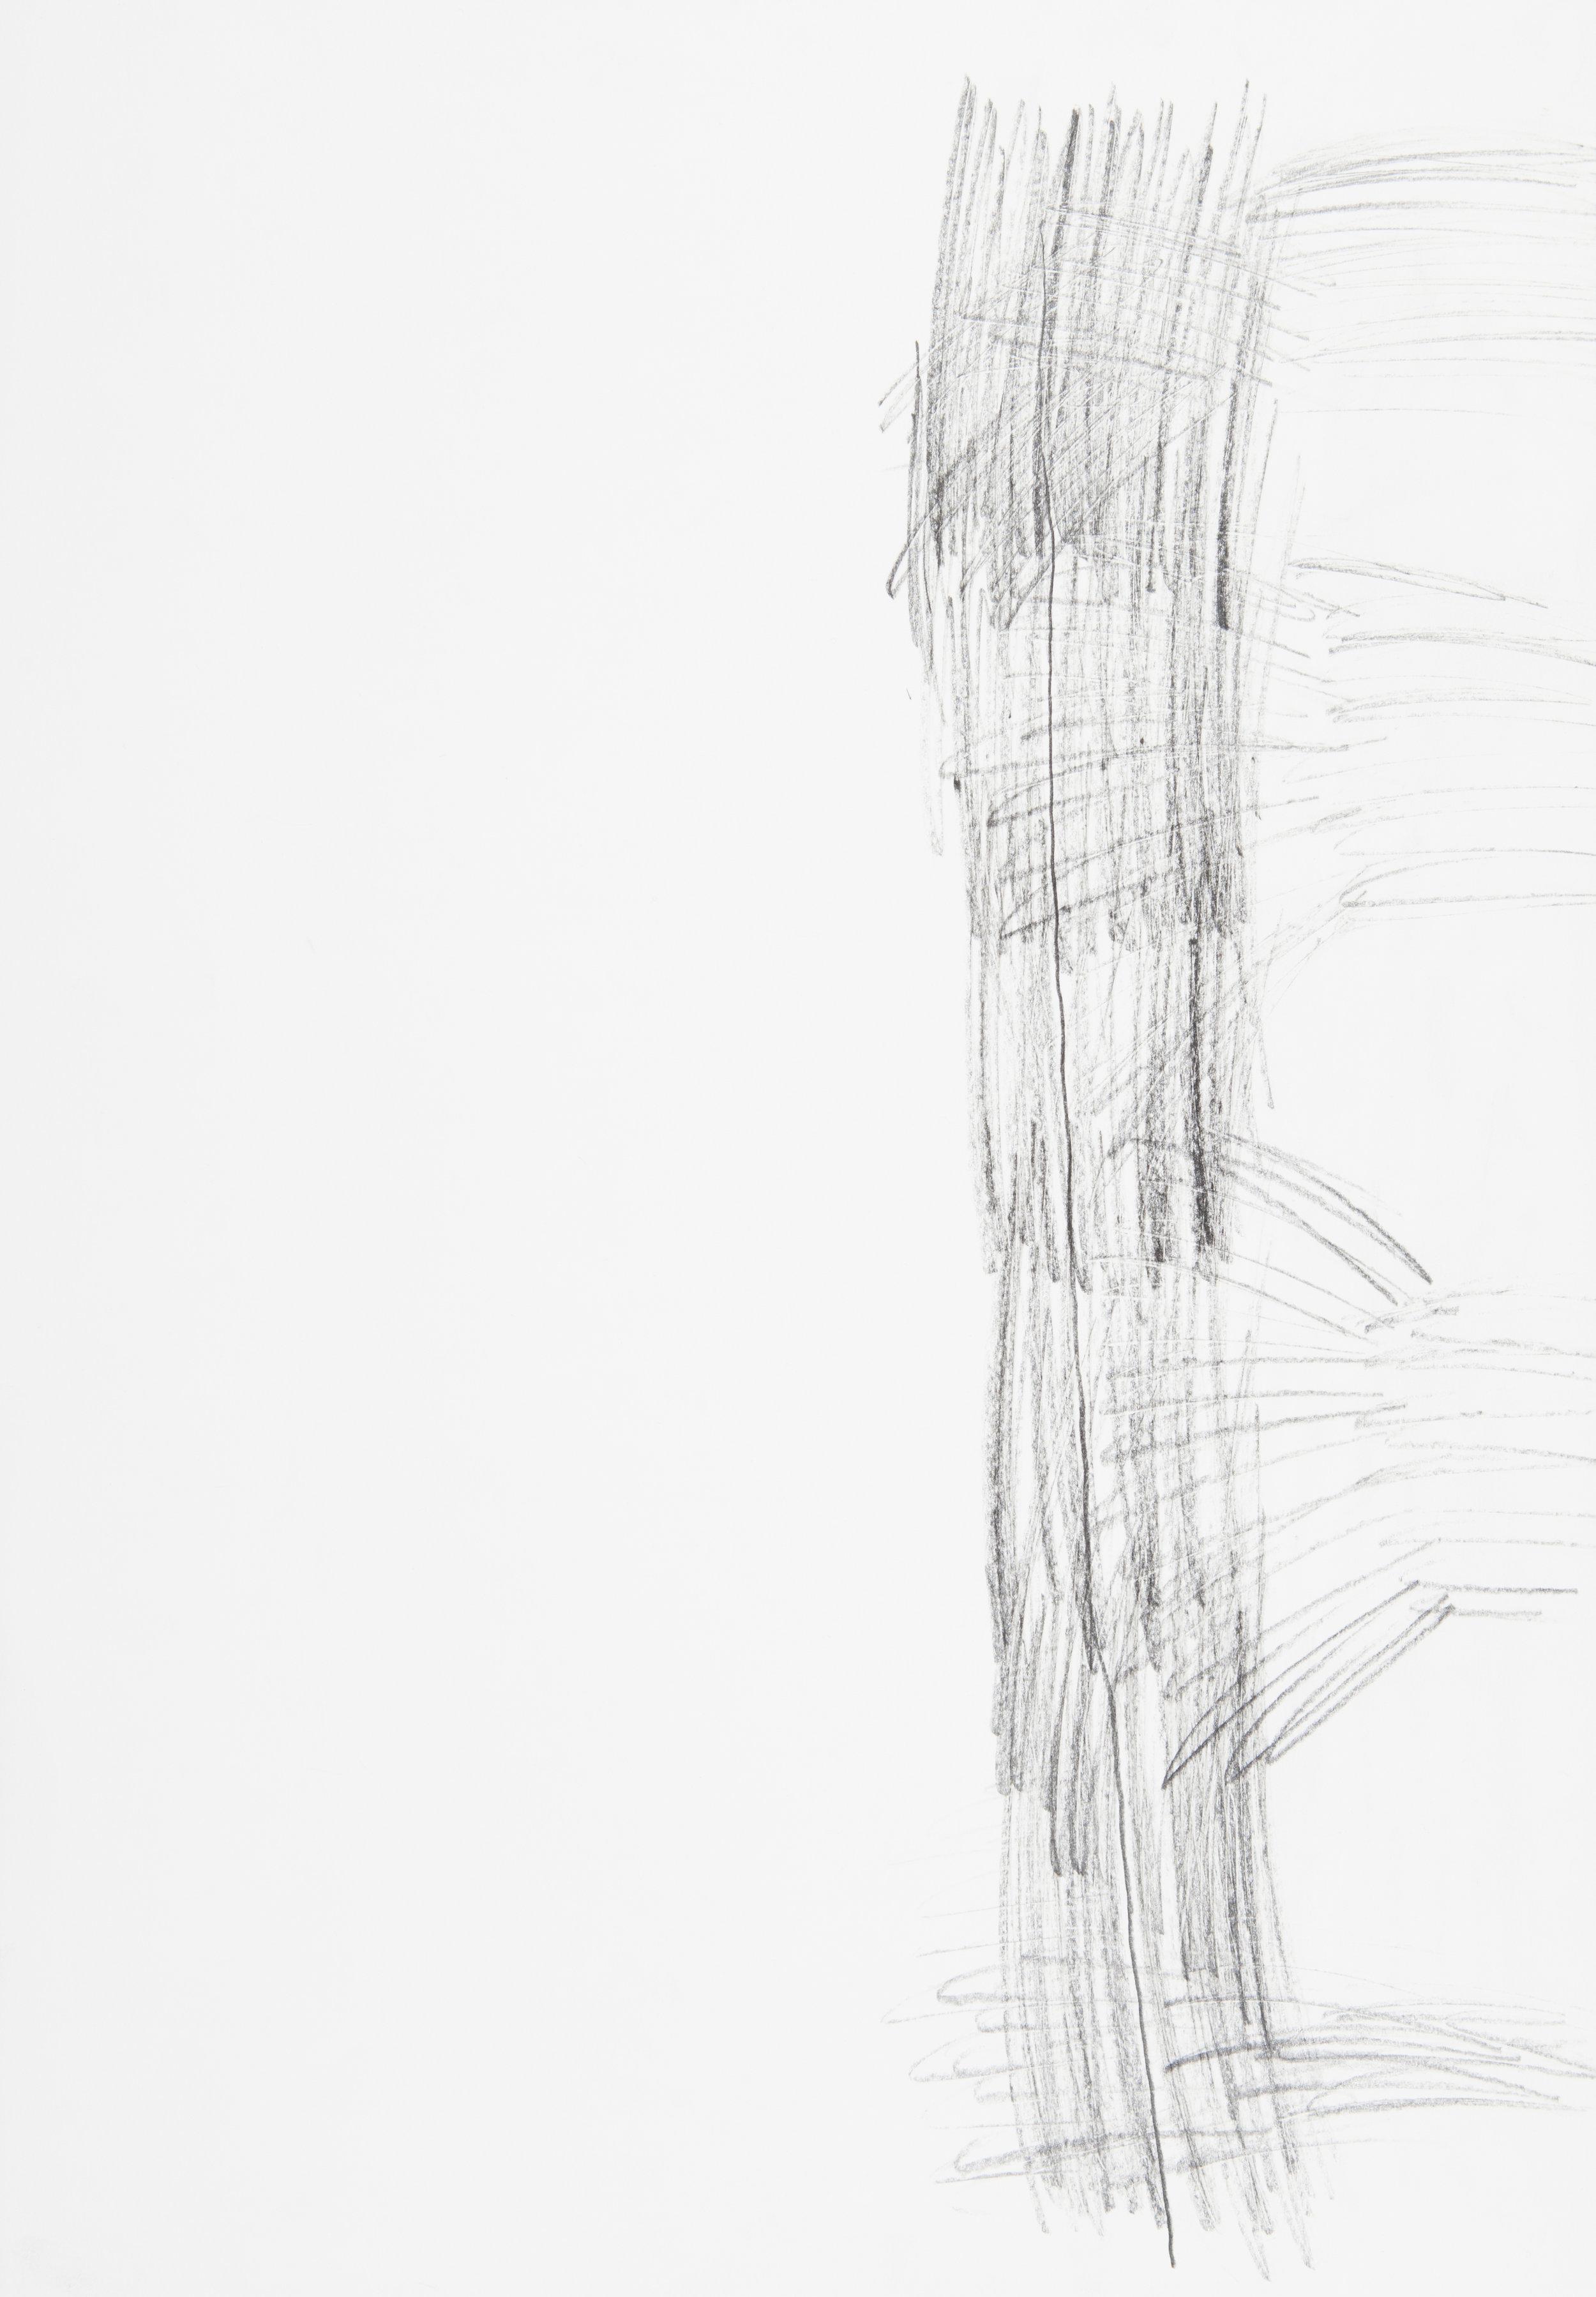 s.d. 4  pencil on paper,  50 x 35 cm